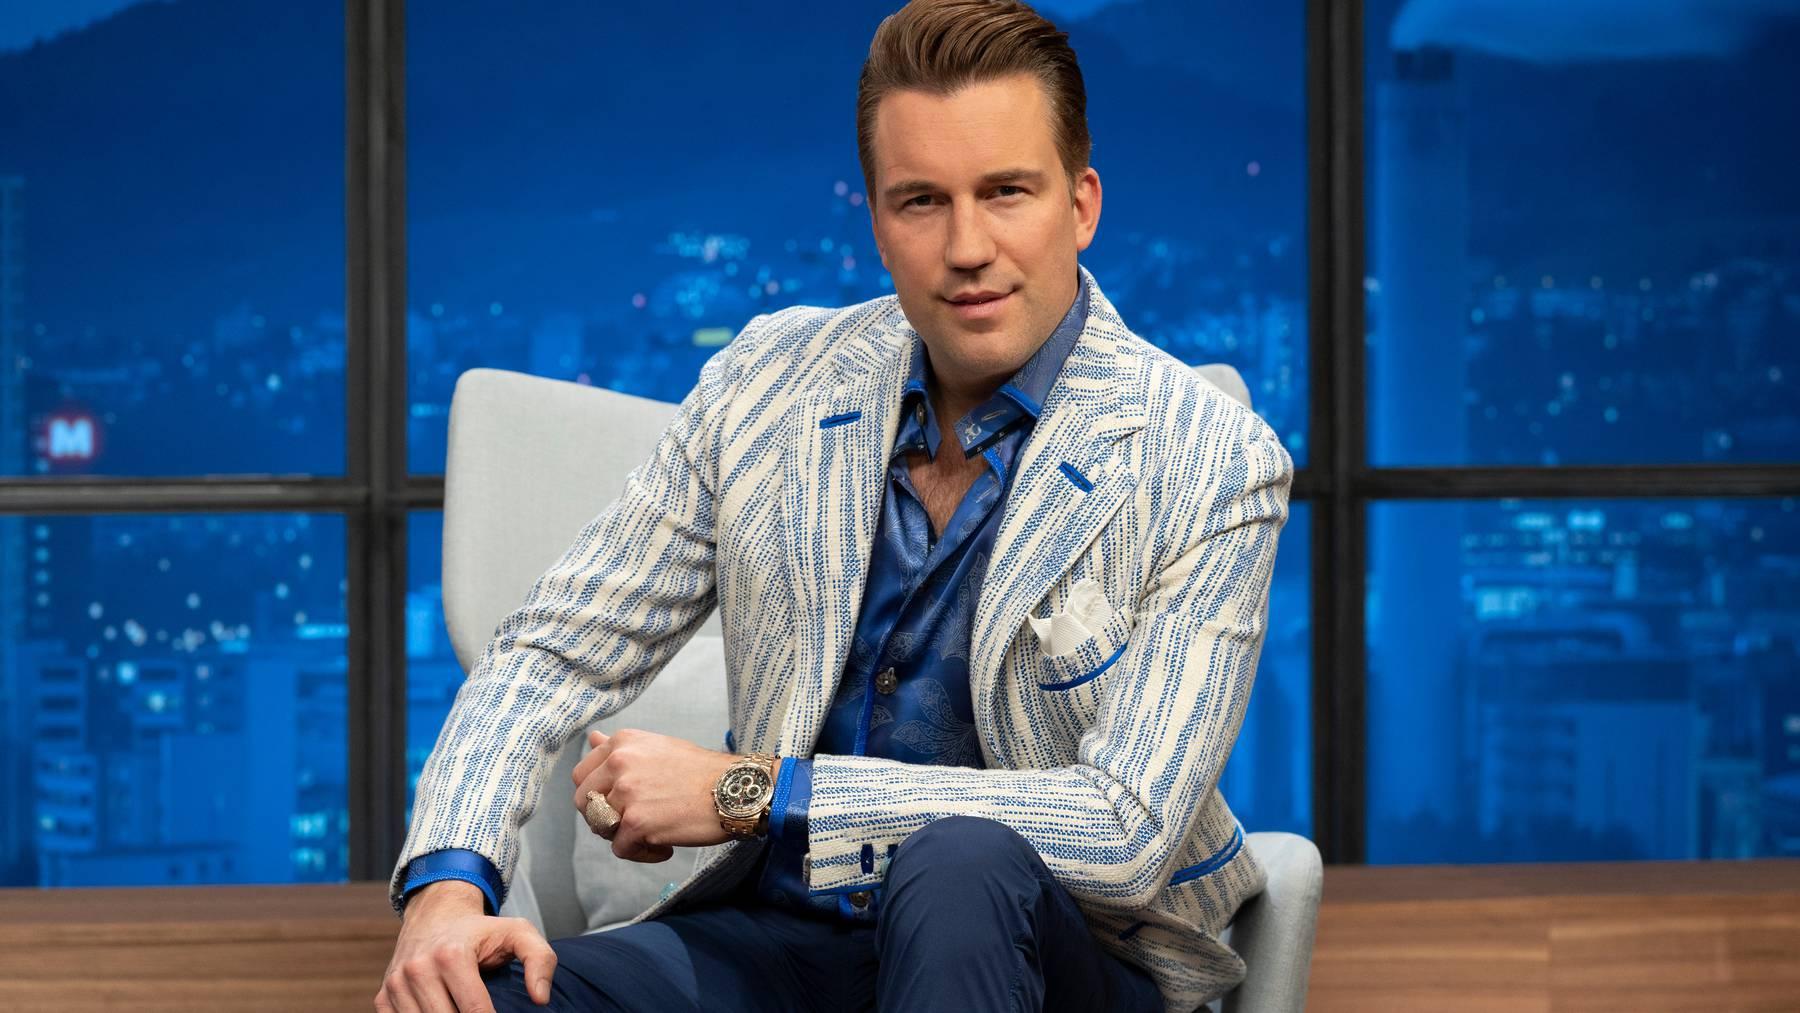 Musikproduzent DJ Antoine ist einer der «Löwen», um deren Investitionen die Kandidaten auf dem Sender TV24 bald wieder buhlen werden.